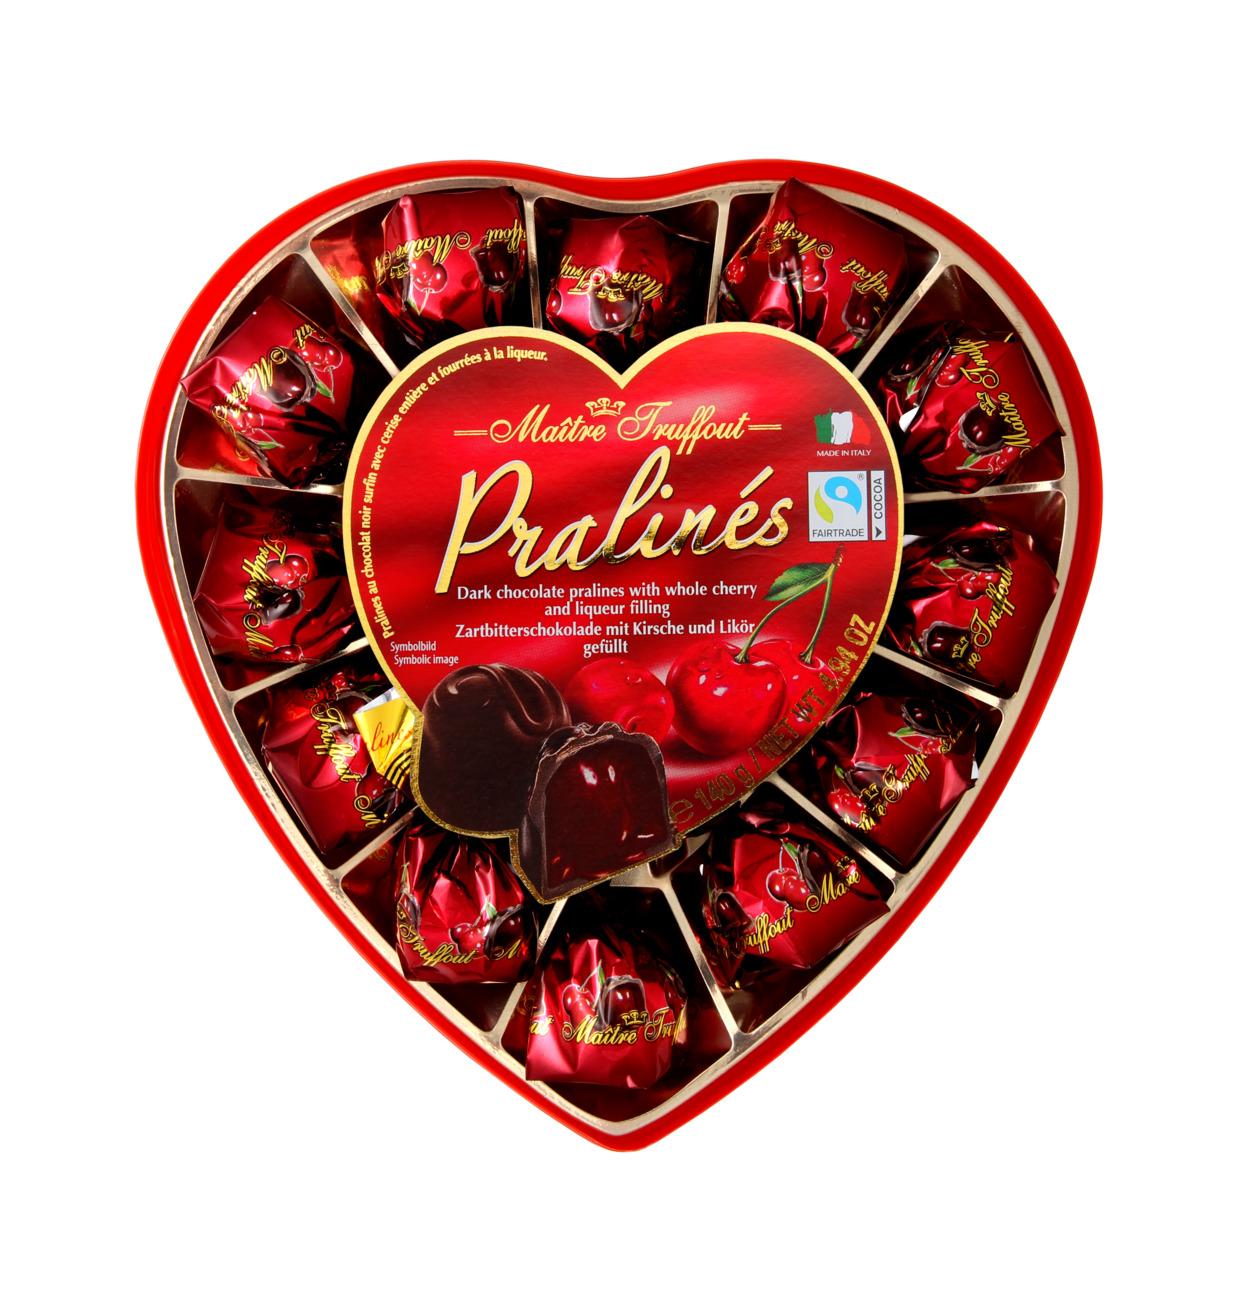 Pralinen Zartbitterschokolade mit Kirsch und Likör Herz